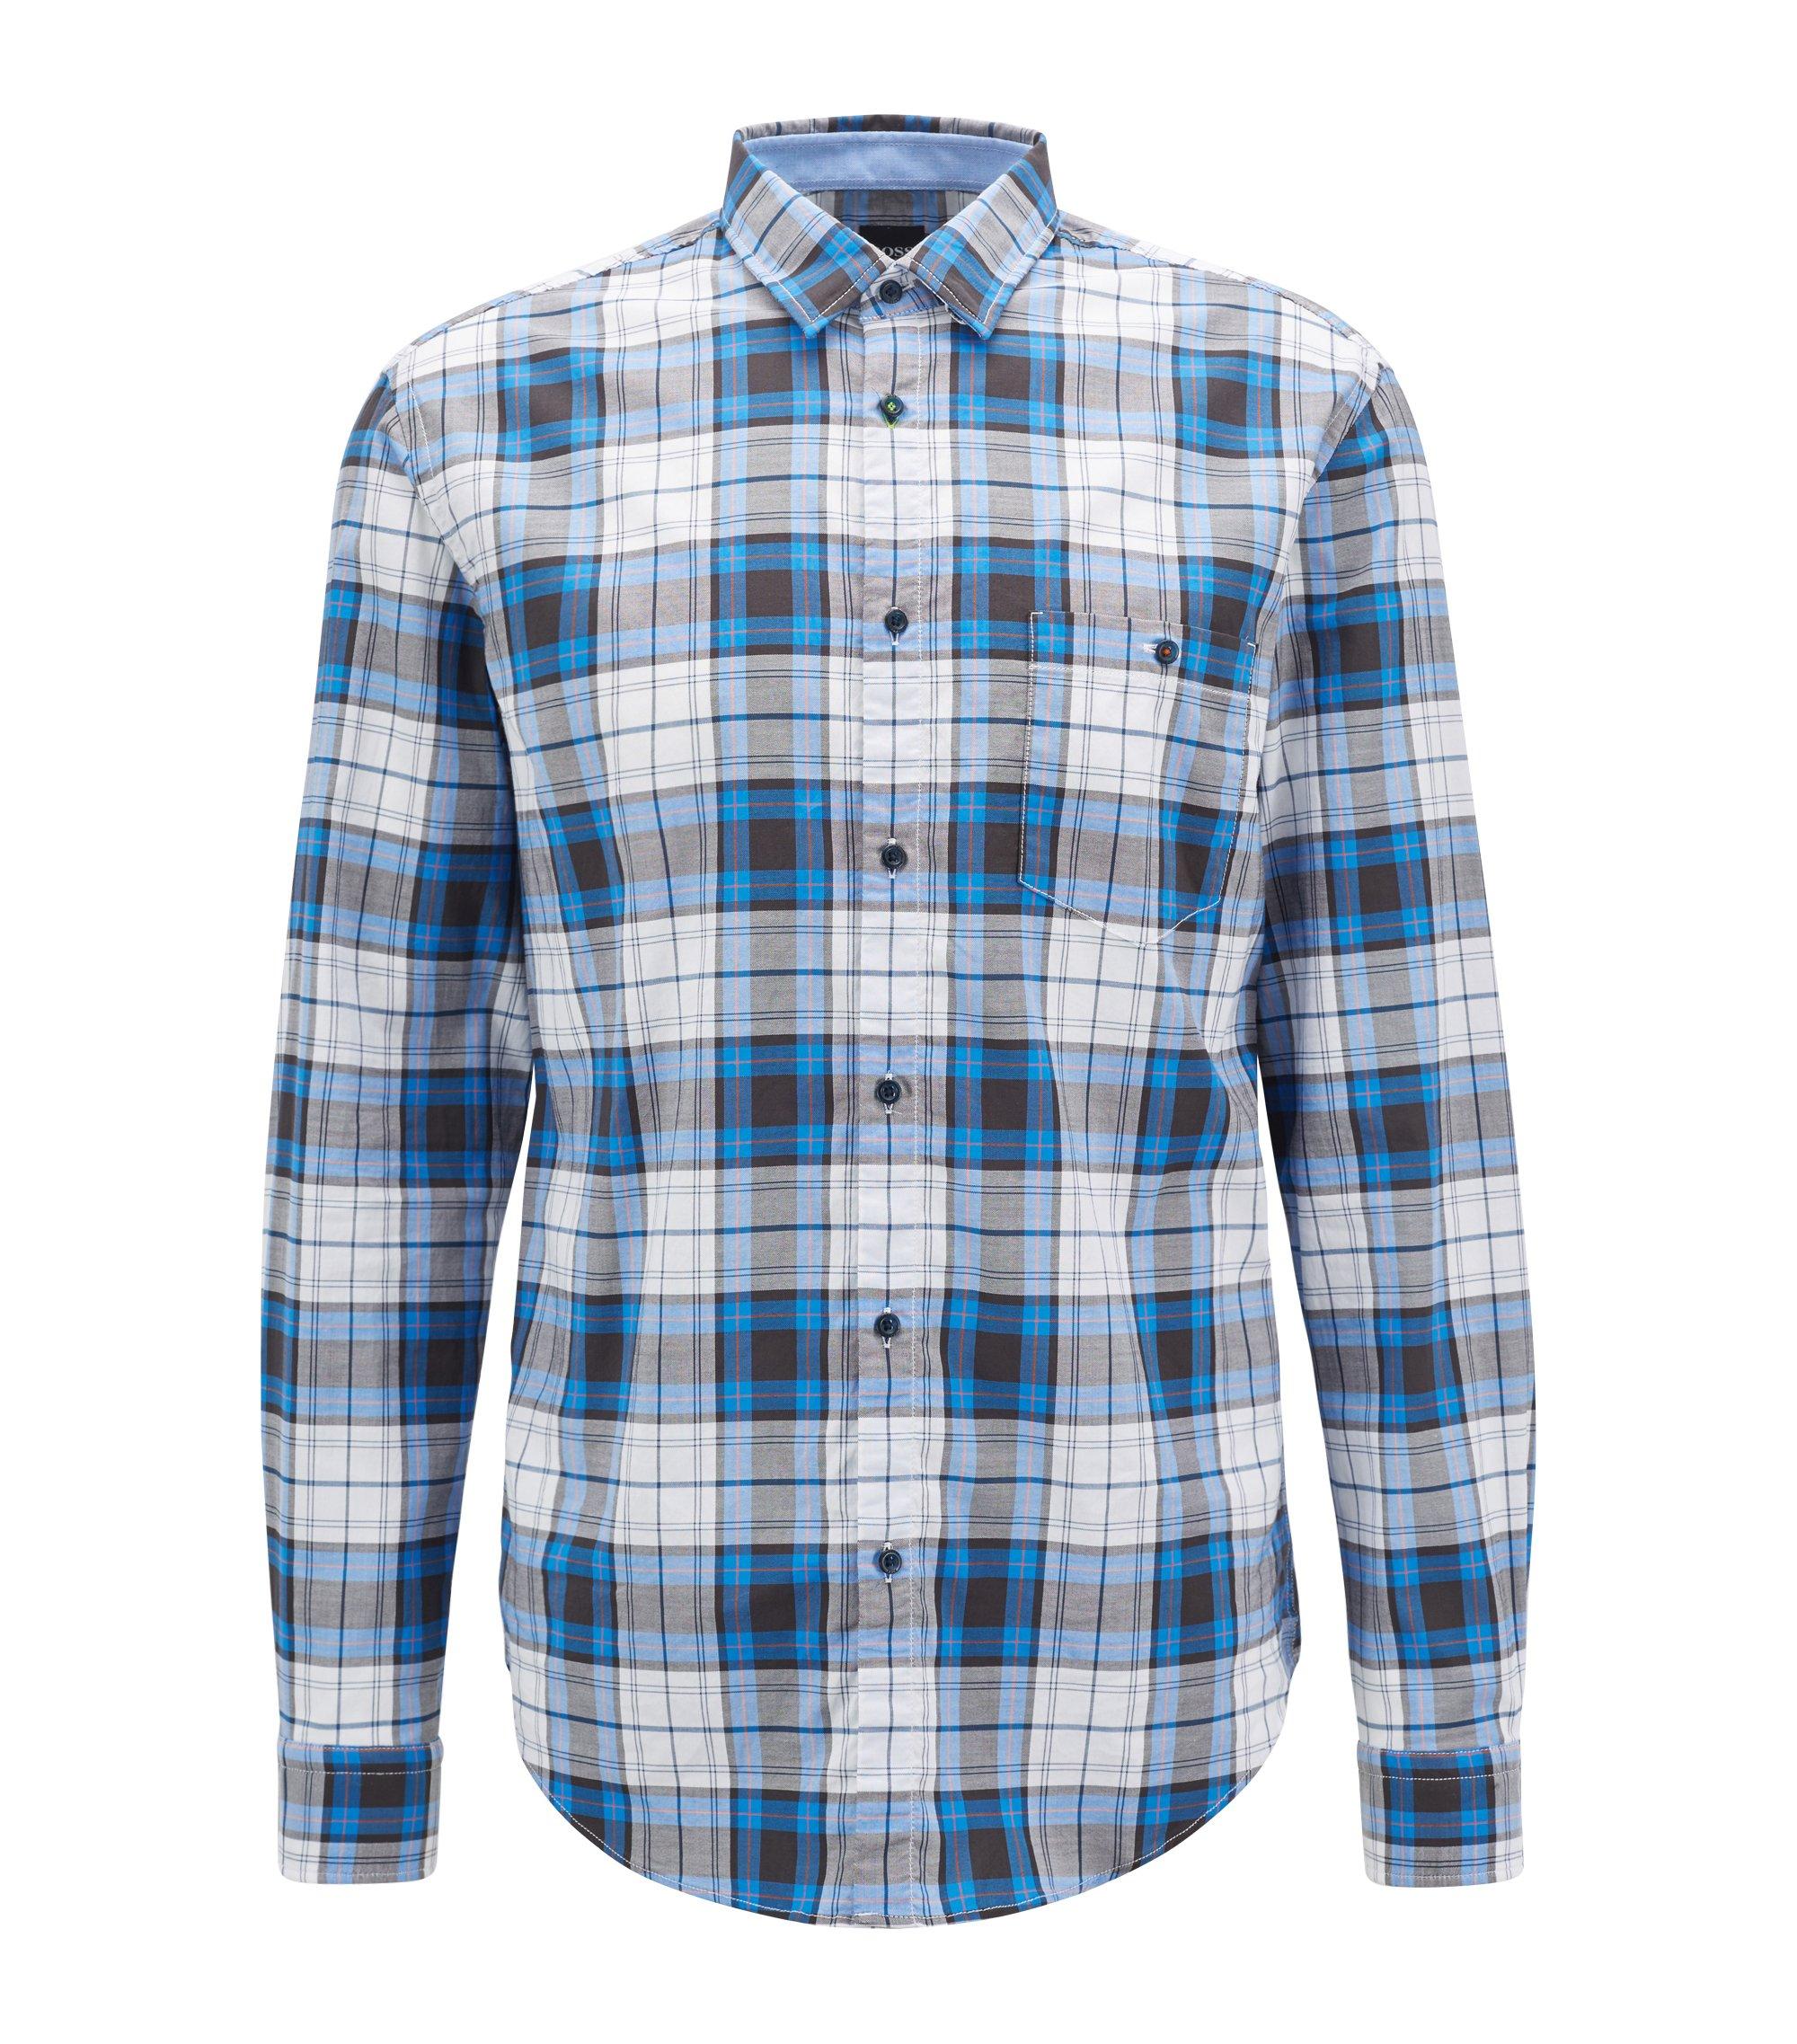 Camicia a quadri in cotone oxford elasticizzato con sistema di gestione dell'umidità, Blu